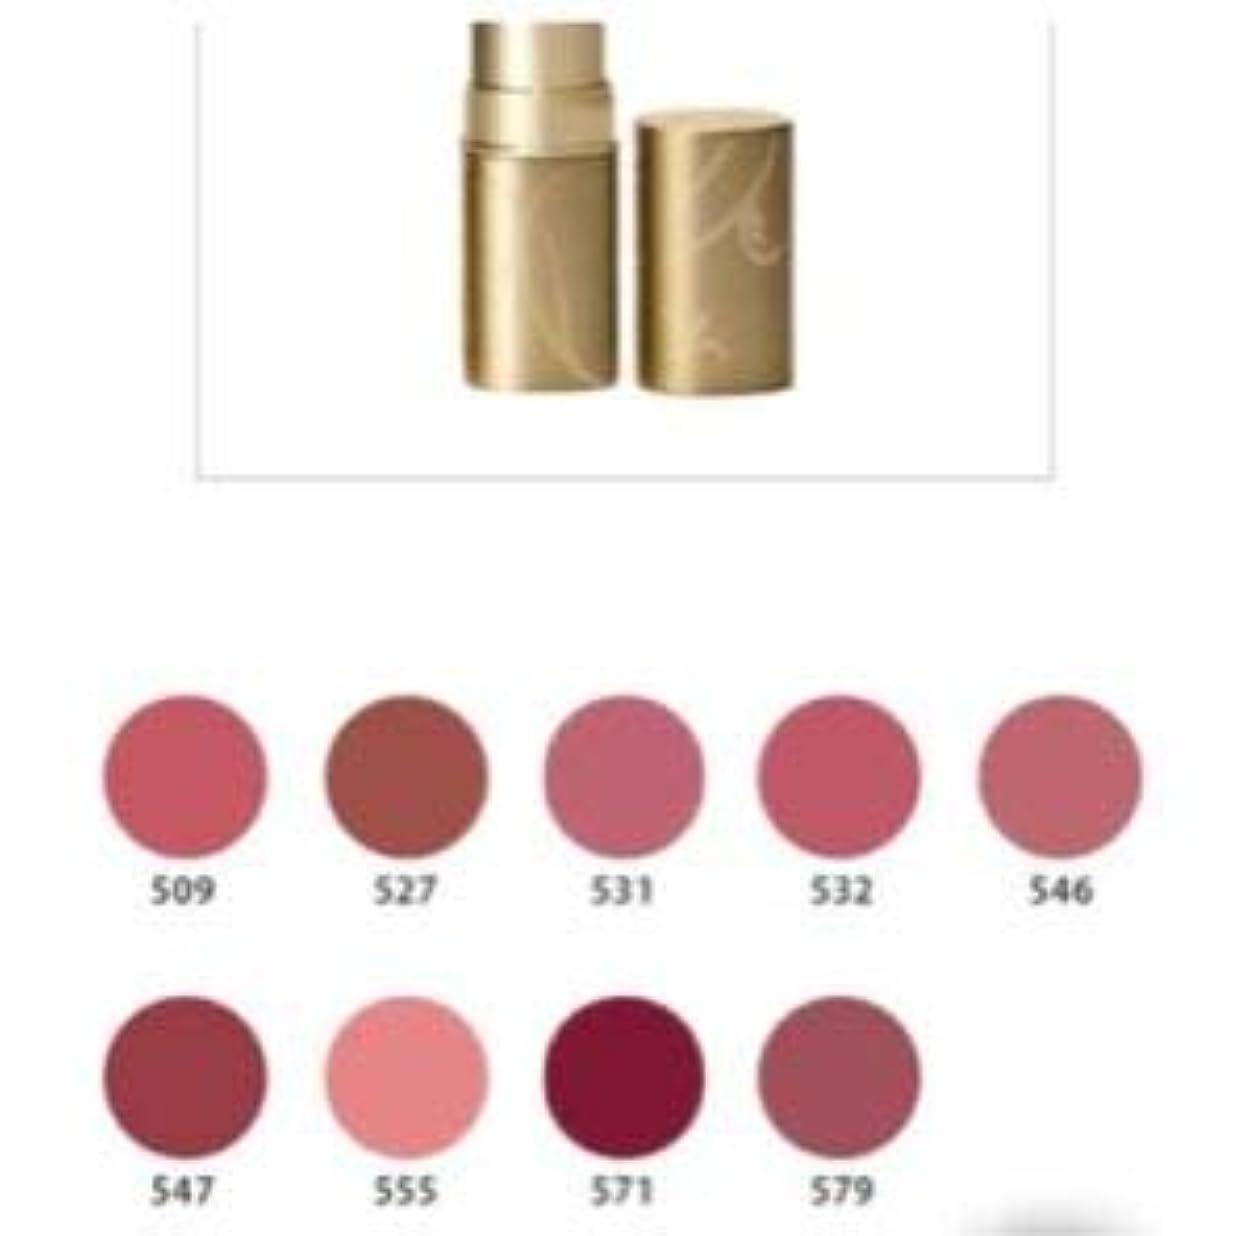 裸トランザクション柔らかい足ハリウッド化粧品 エクセレント ルージュフルール 527